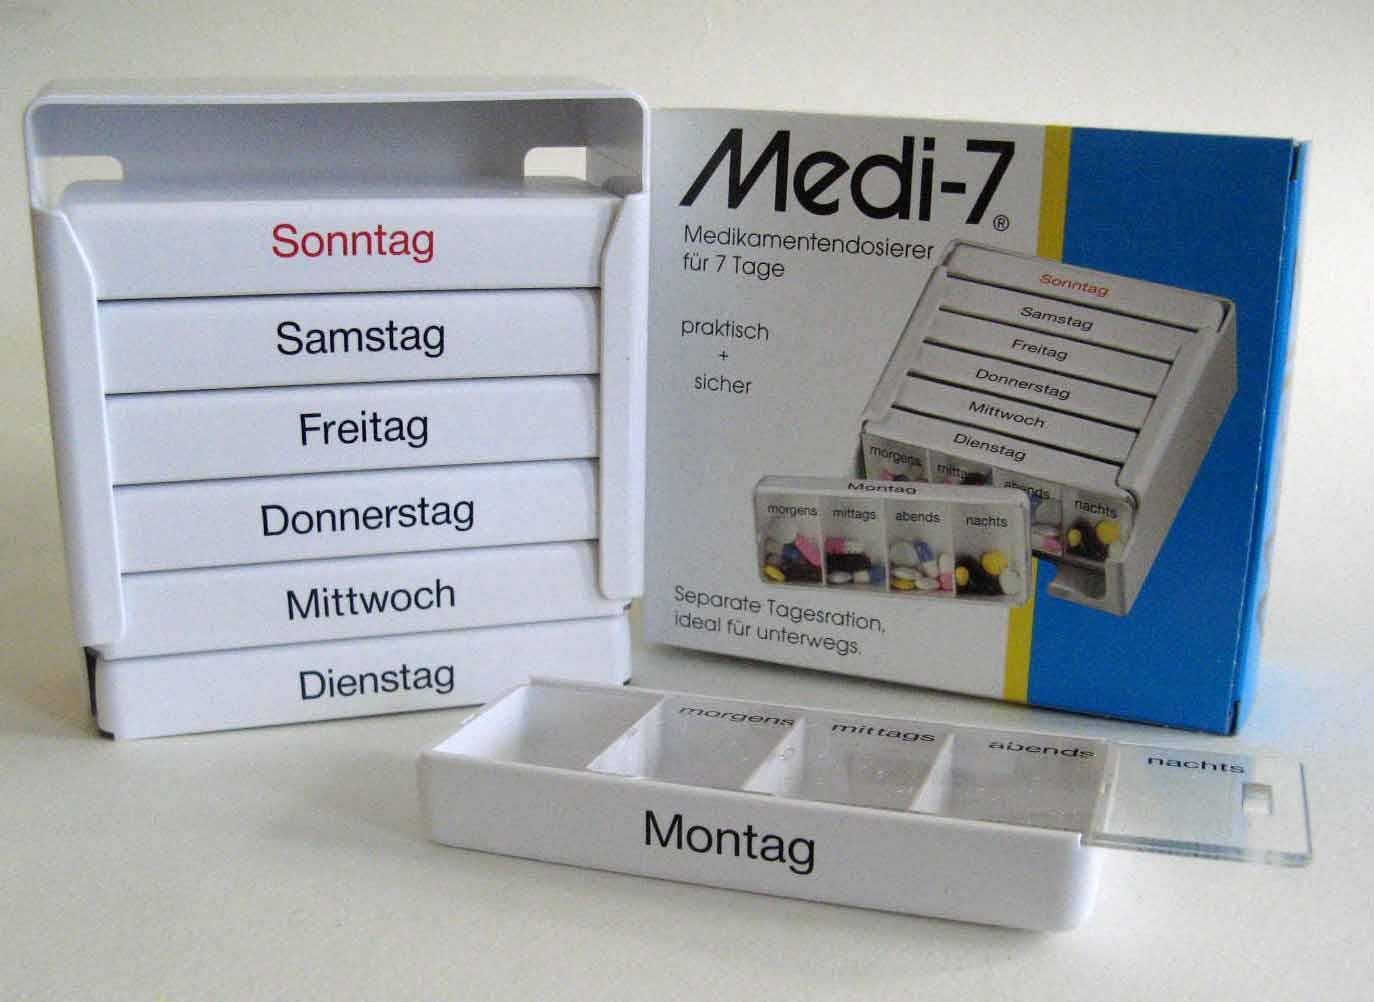 Medi7 Medikamentendosierer für 7 Tage